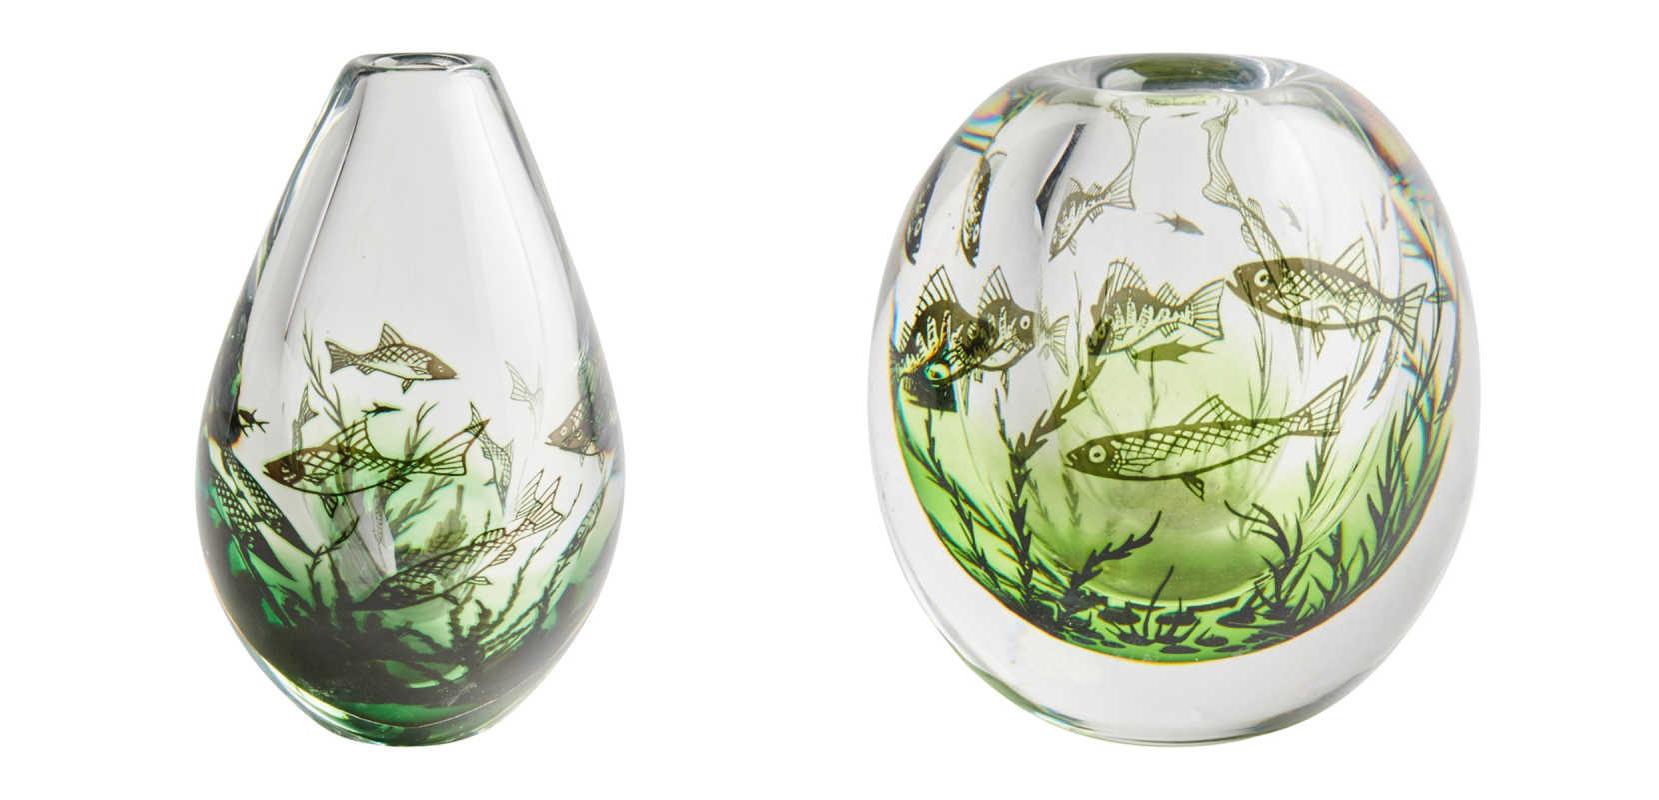 Vases d'Edward Hald